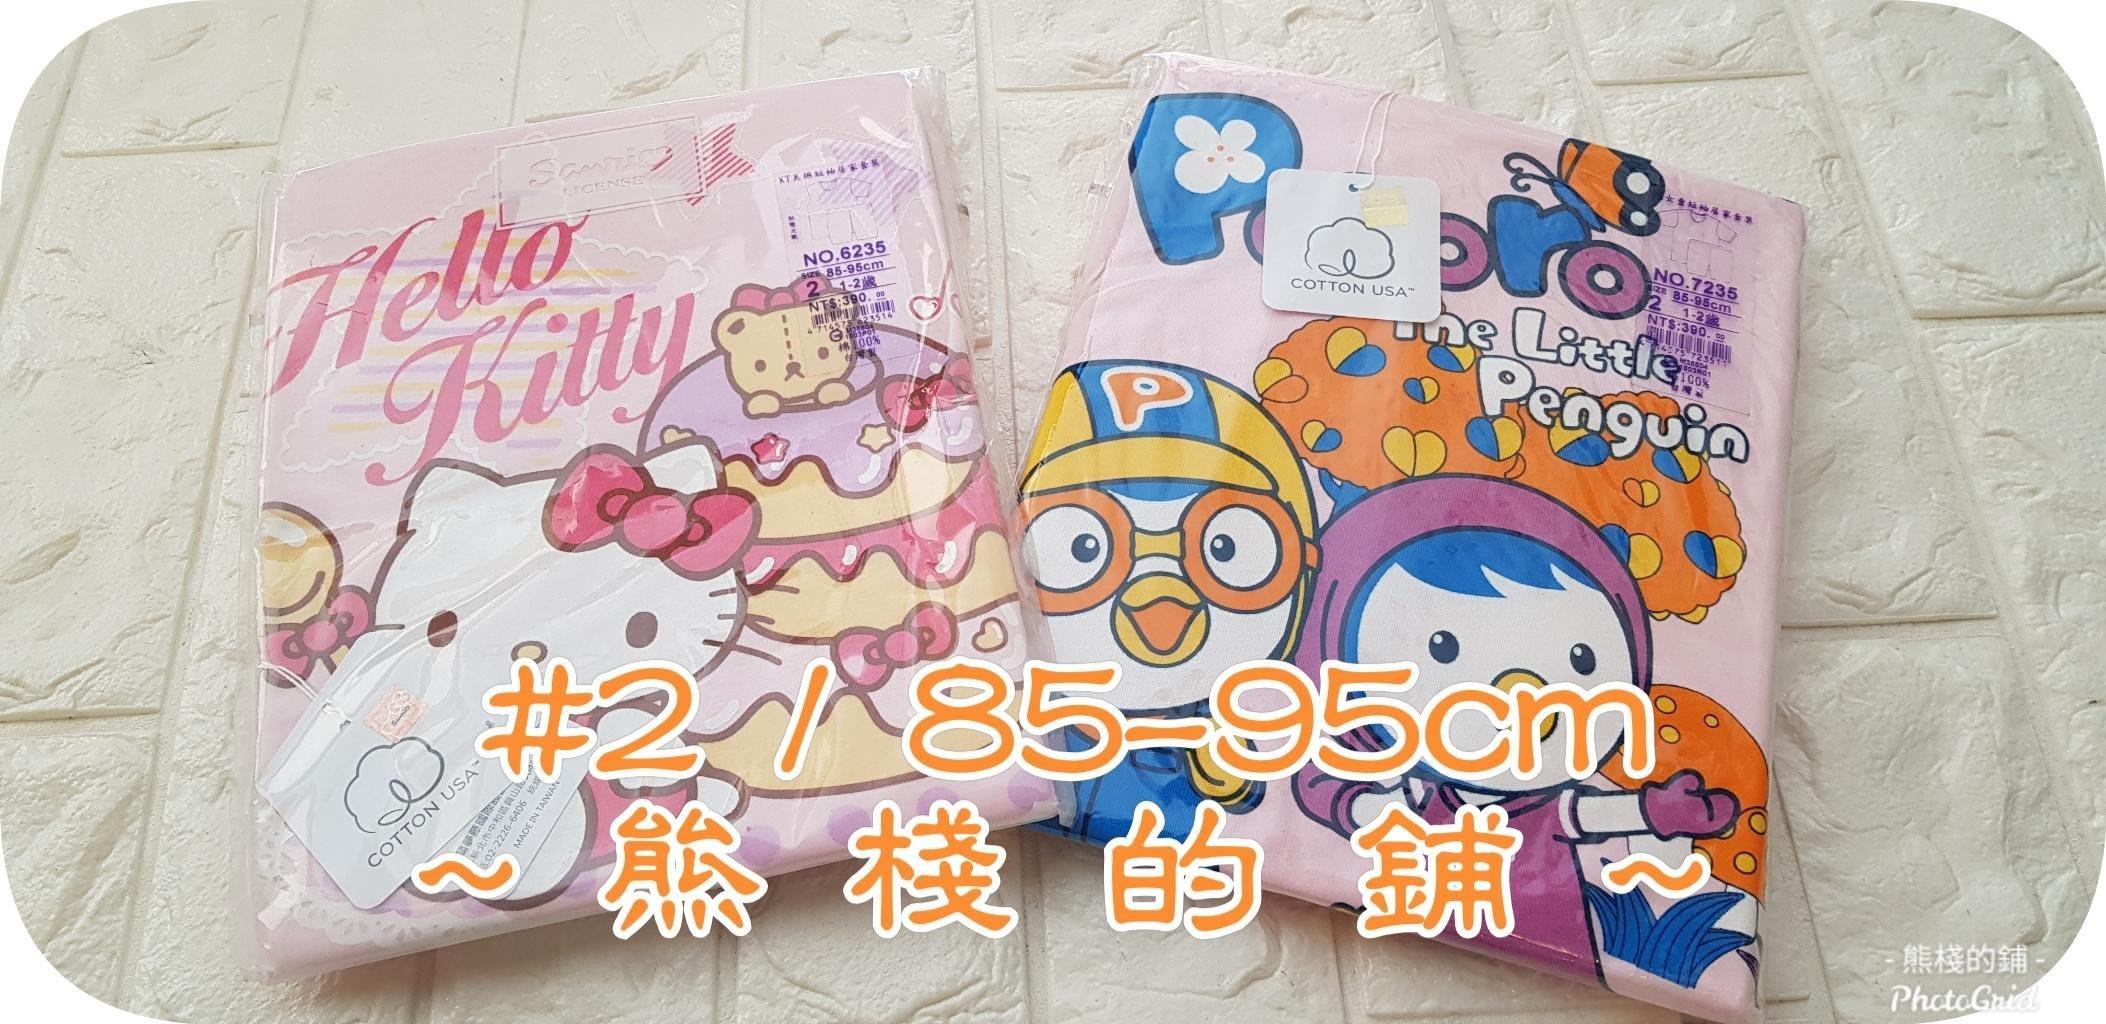 【貝兒童鋪】亞蘭夢藤 Hello Kitty / Pororo 企鵝 短袖套裝.純棉居家服.台灣製 #2/85~95cm